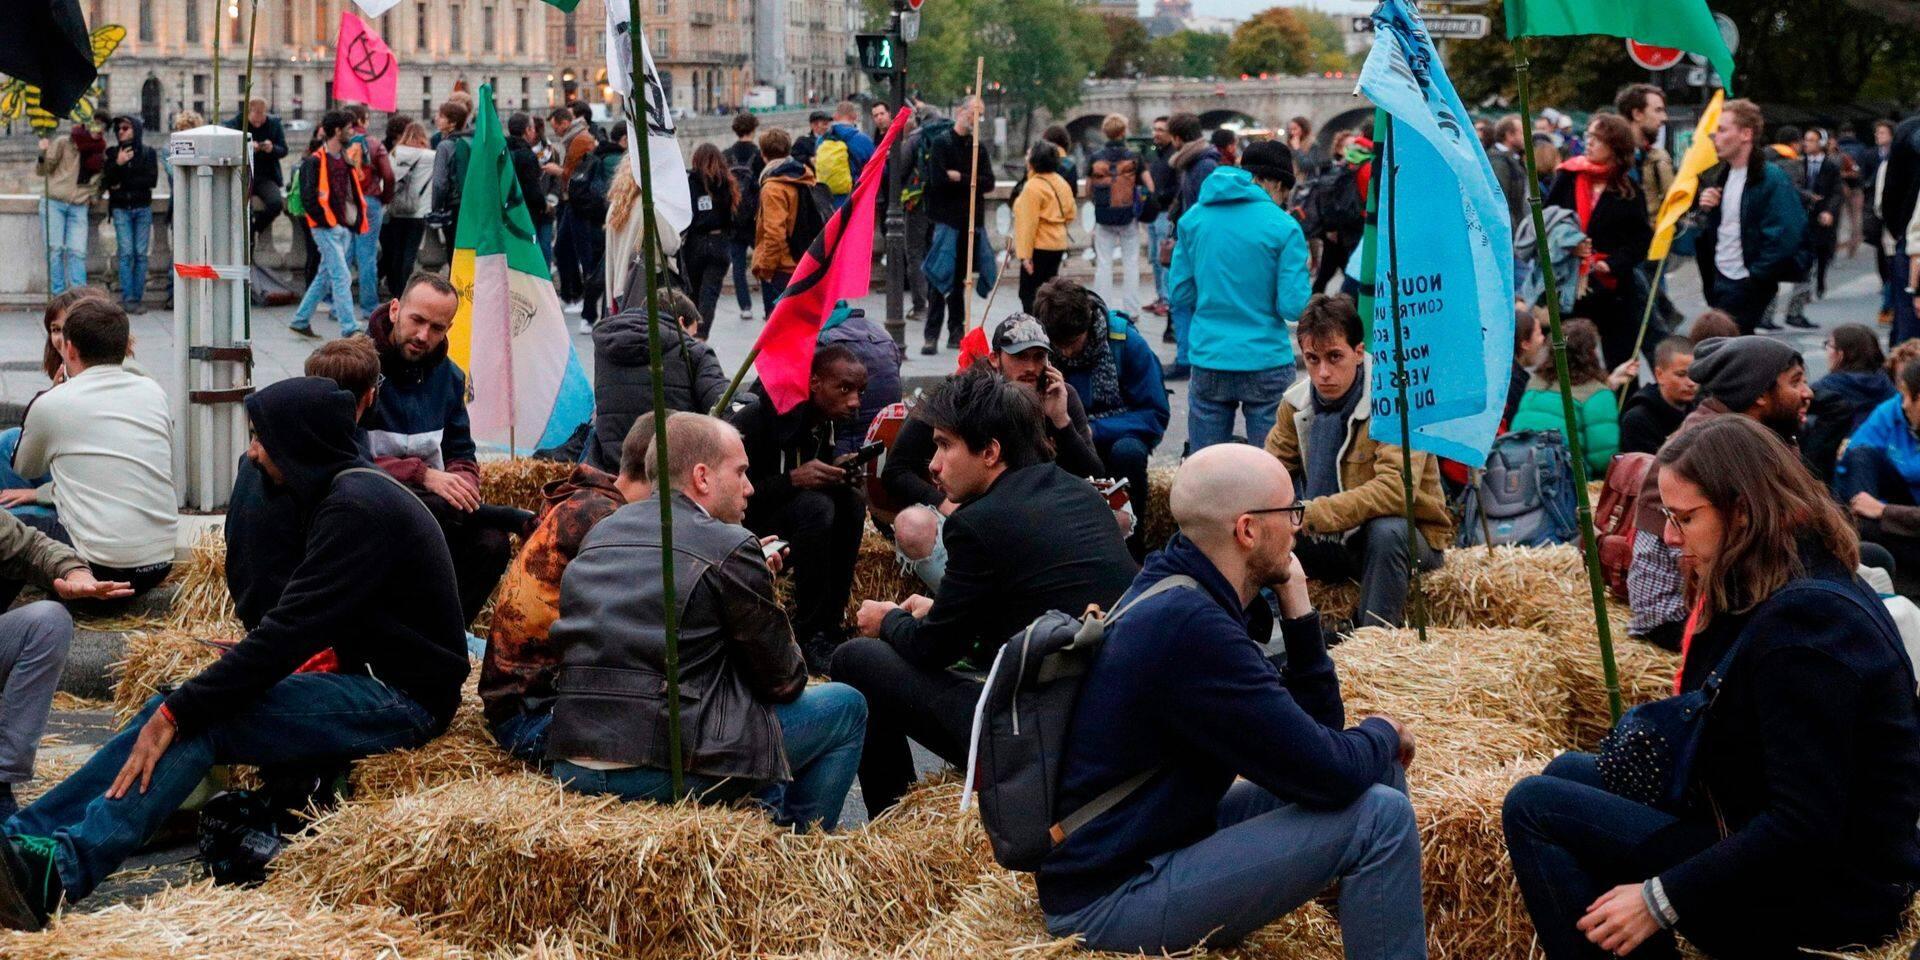 Un mouvement de désobéissance civile ce samedi à Bruxelles, le Roi interpellé